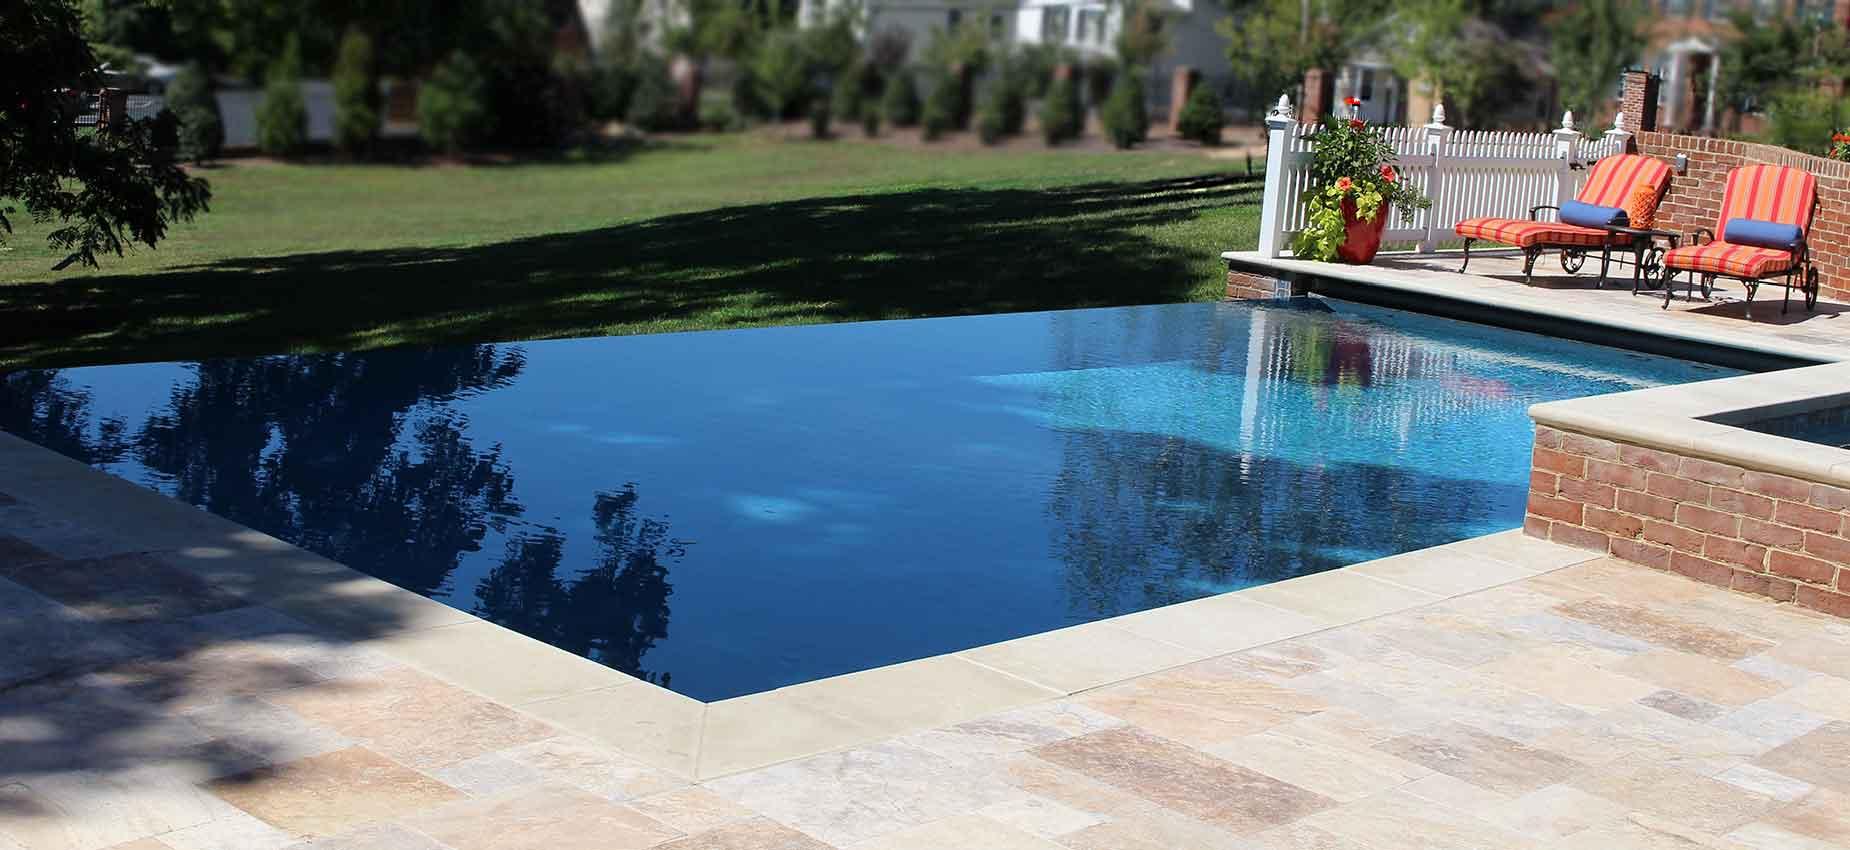 Inground swimming pool in Fredericksburg